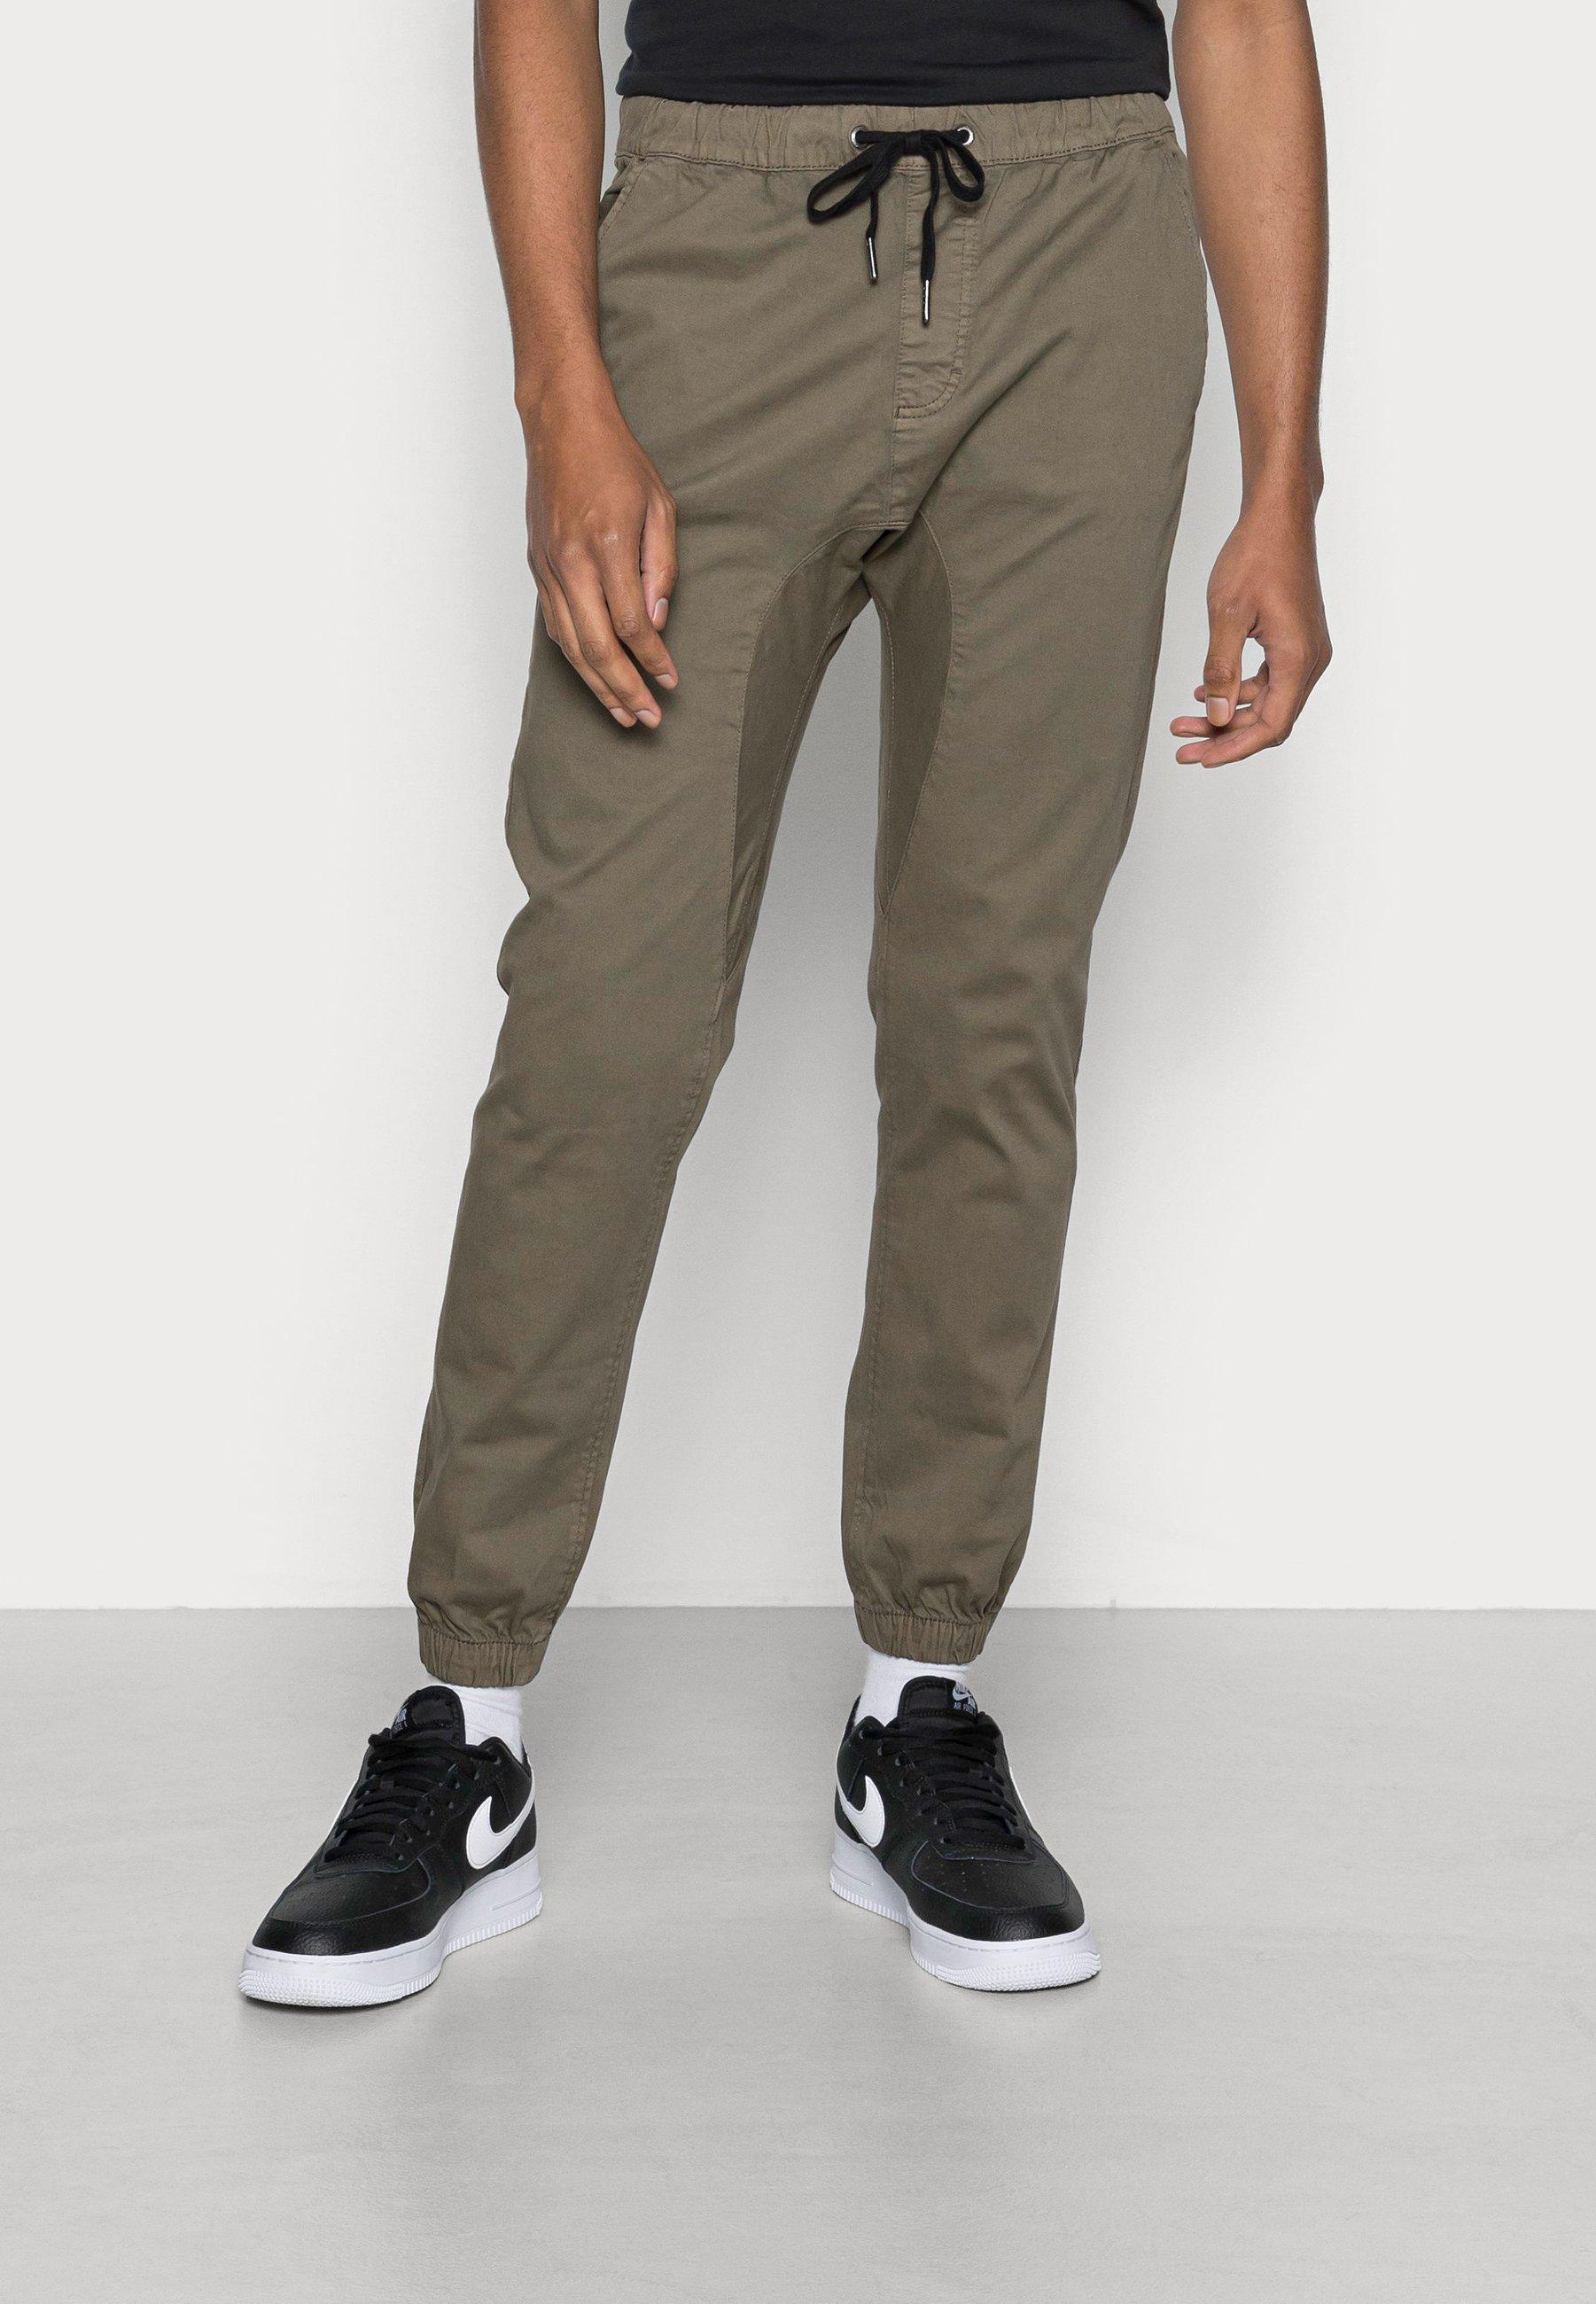 Uomo DRAKE CUFFED PANT - Pantaloni